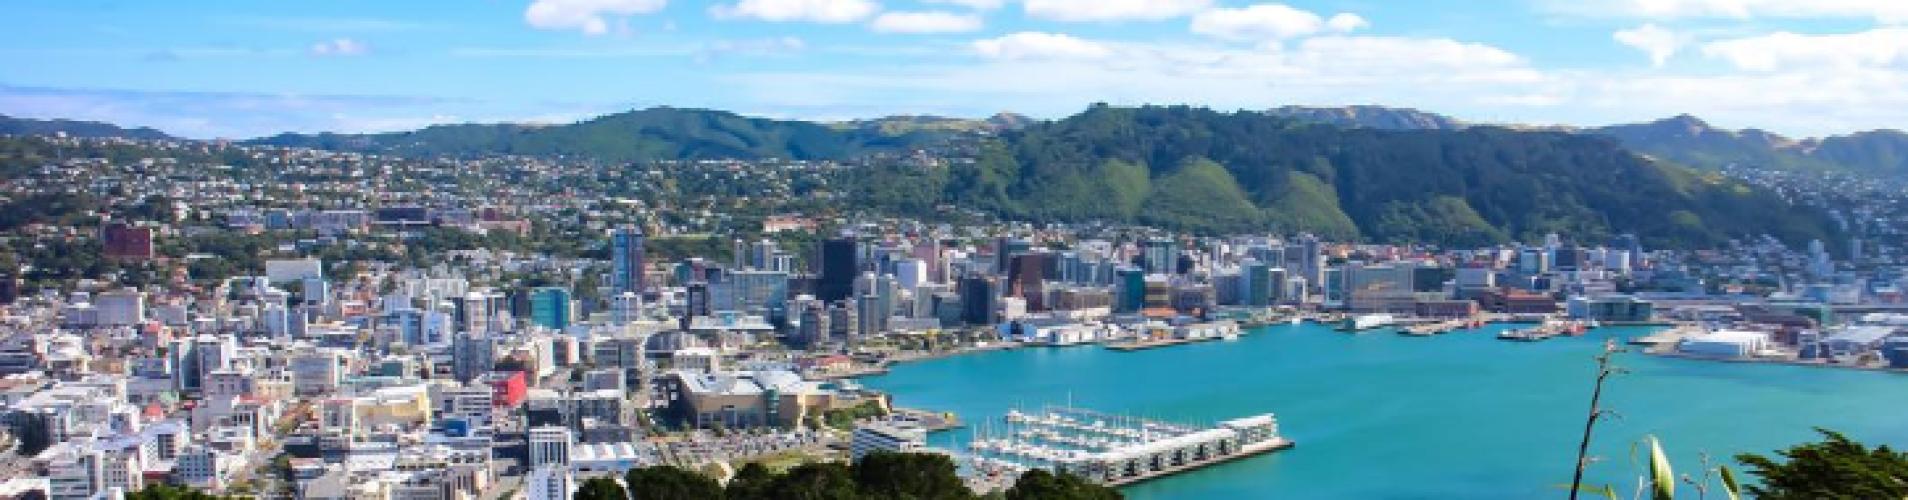 Franchise Direct New Zealand